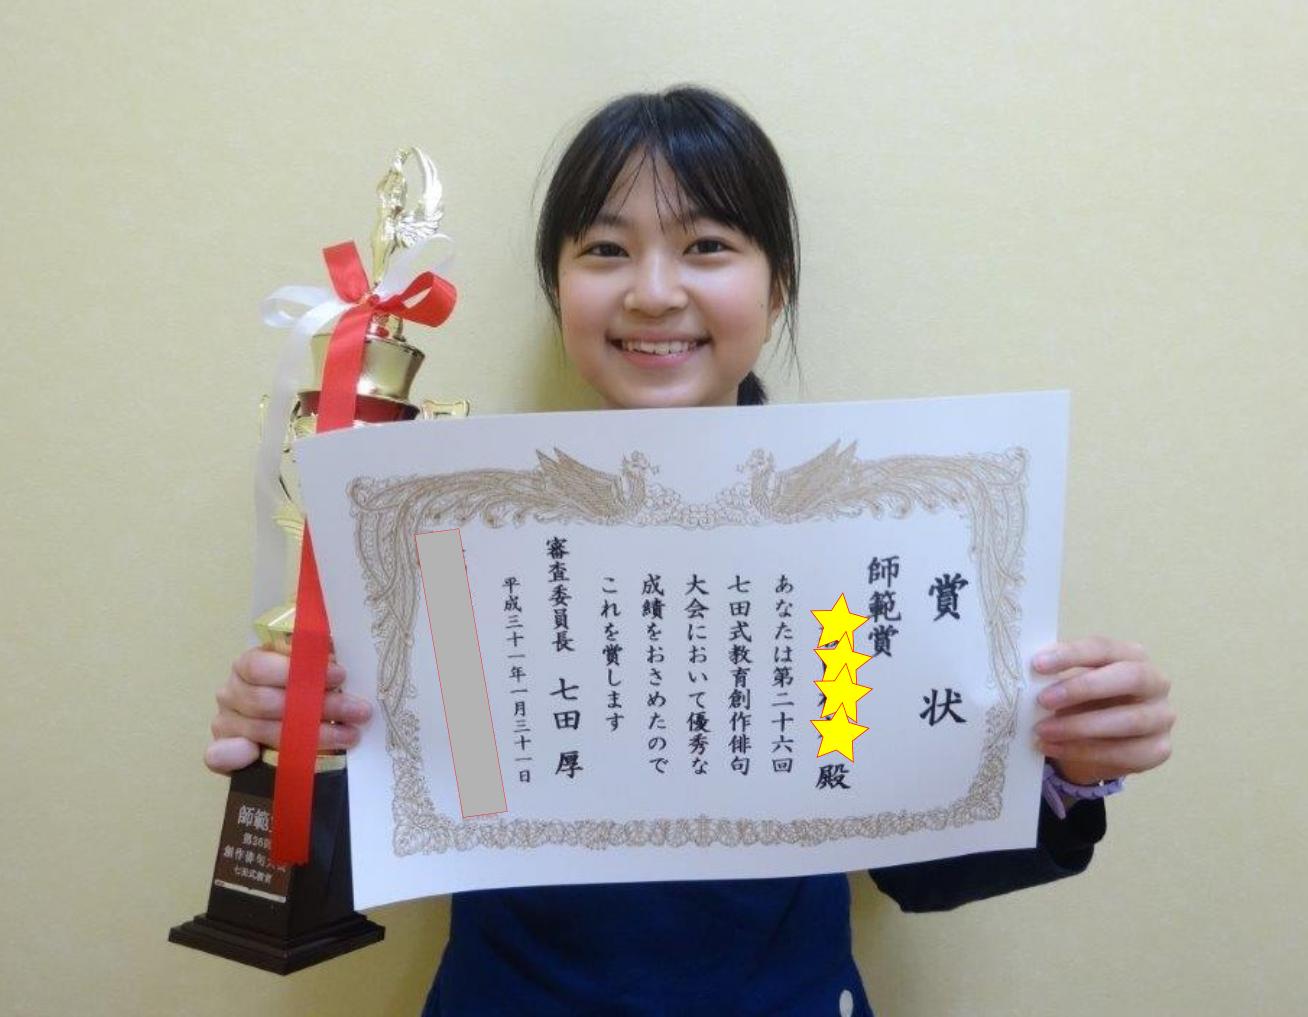 〈創作俳句大会〉特別賞受賞!